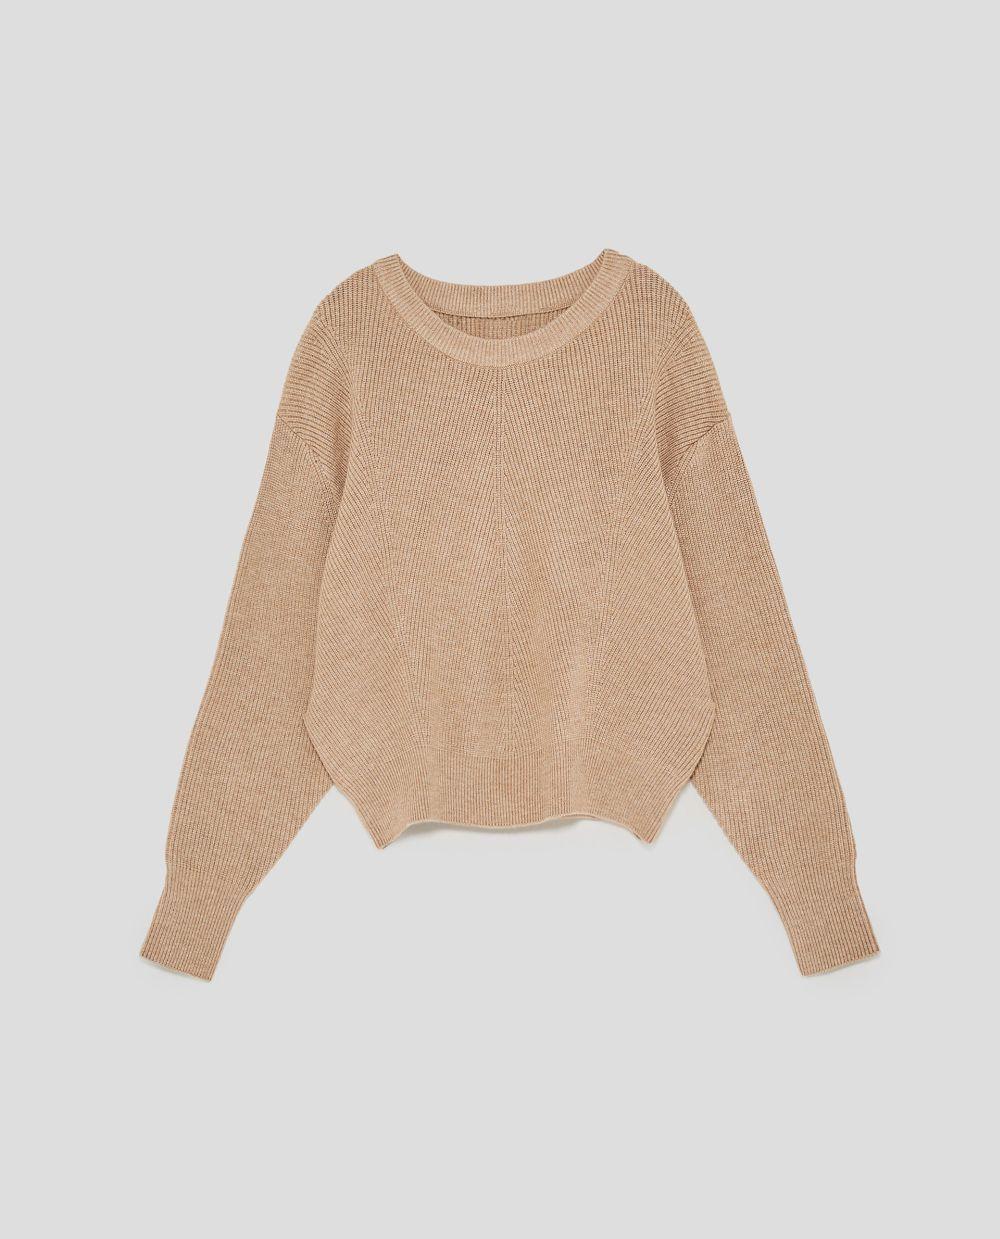 Jersey de punto de Zara (25,95 euros)